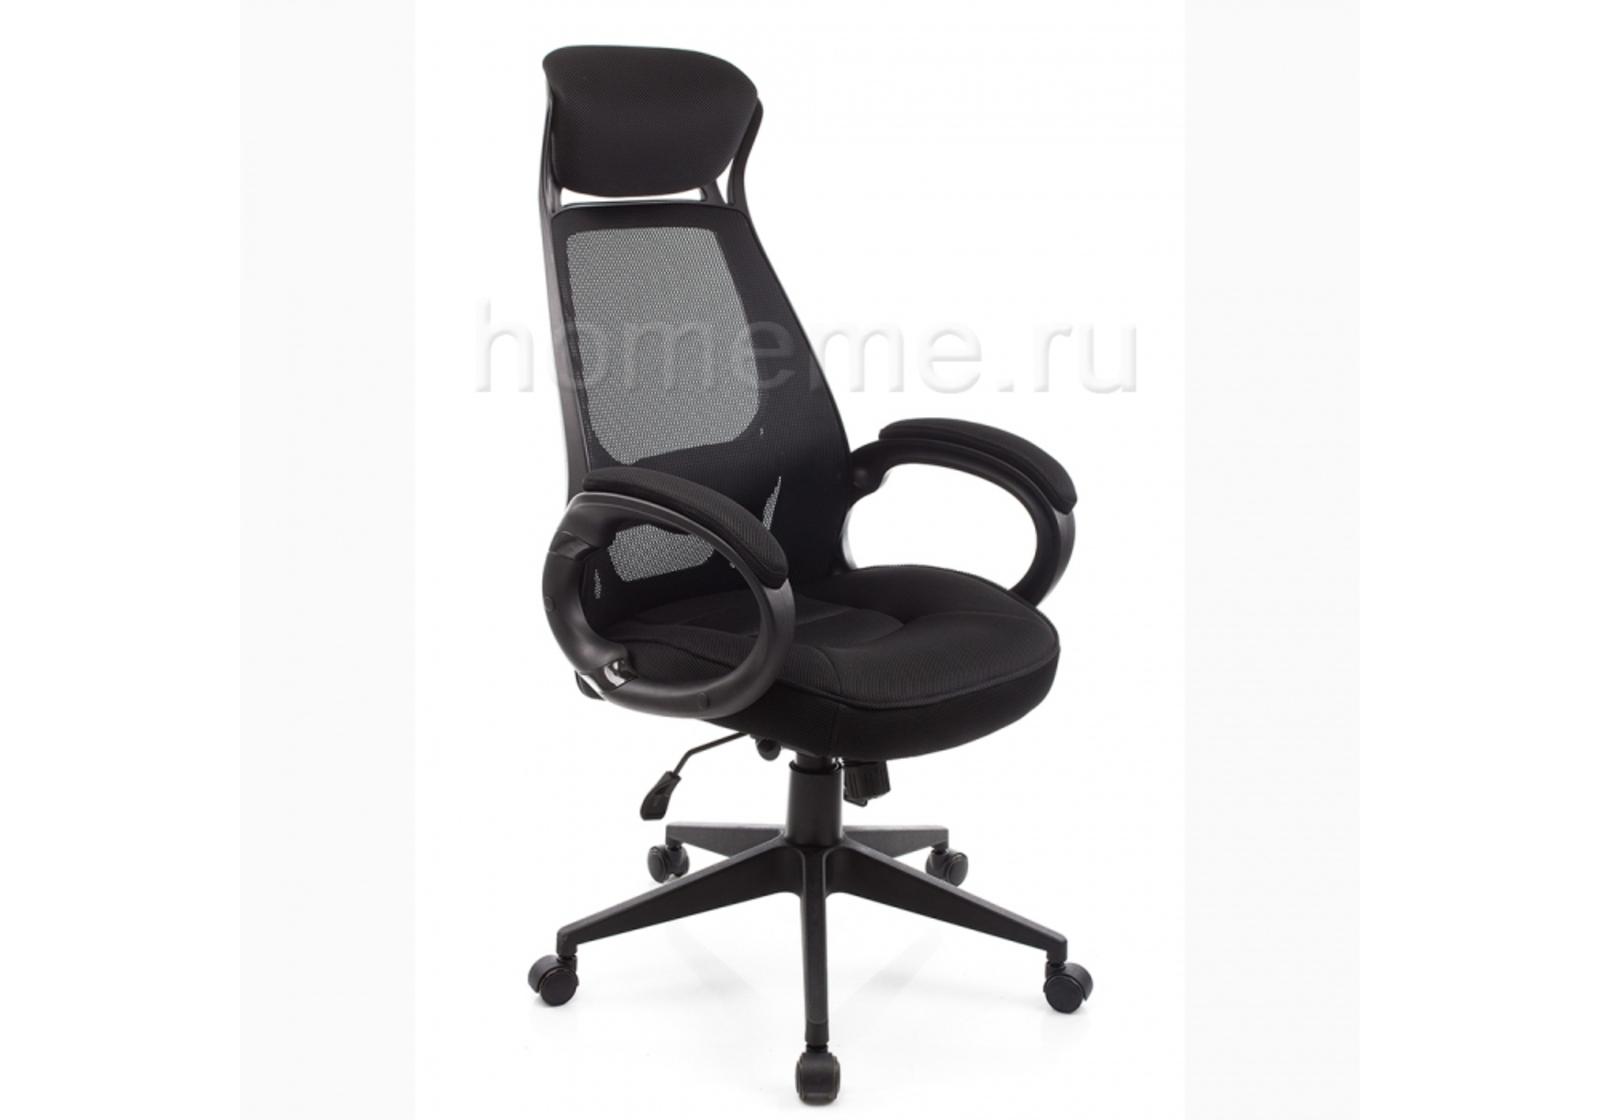 Кресло для офиса HomeMe Burgos черное 1715 от Homeme.ru